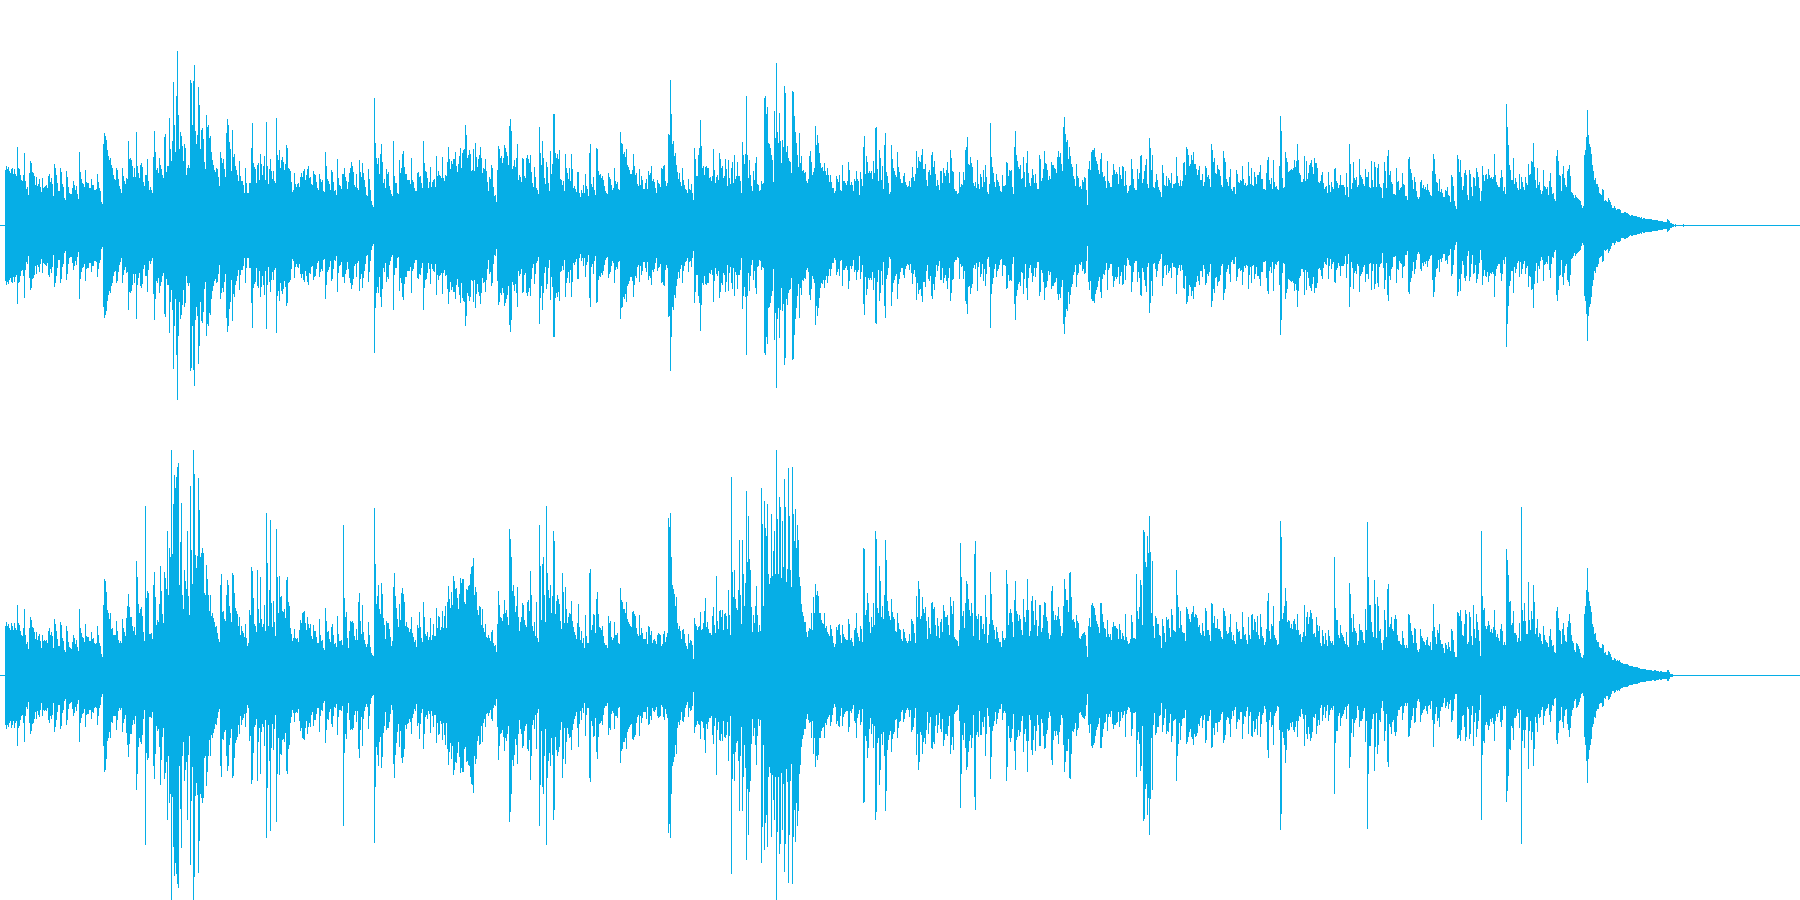 ピアノとギターのナチュラル系ヒーリングの再生済みの波形